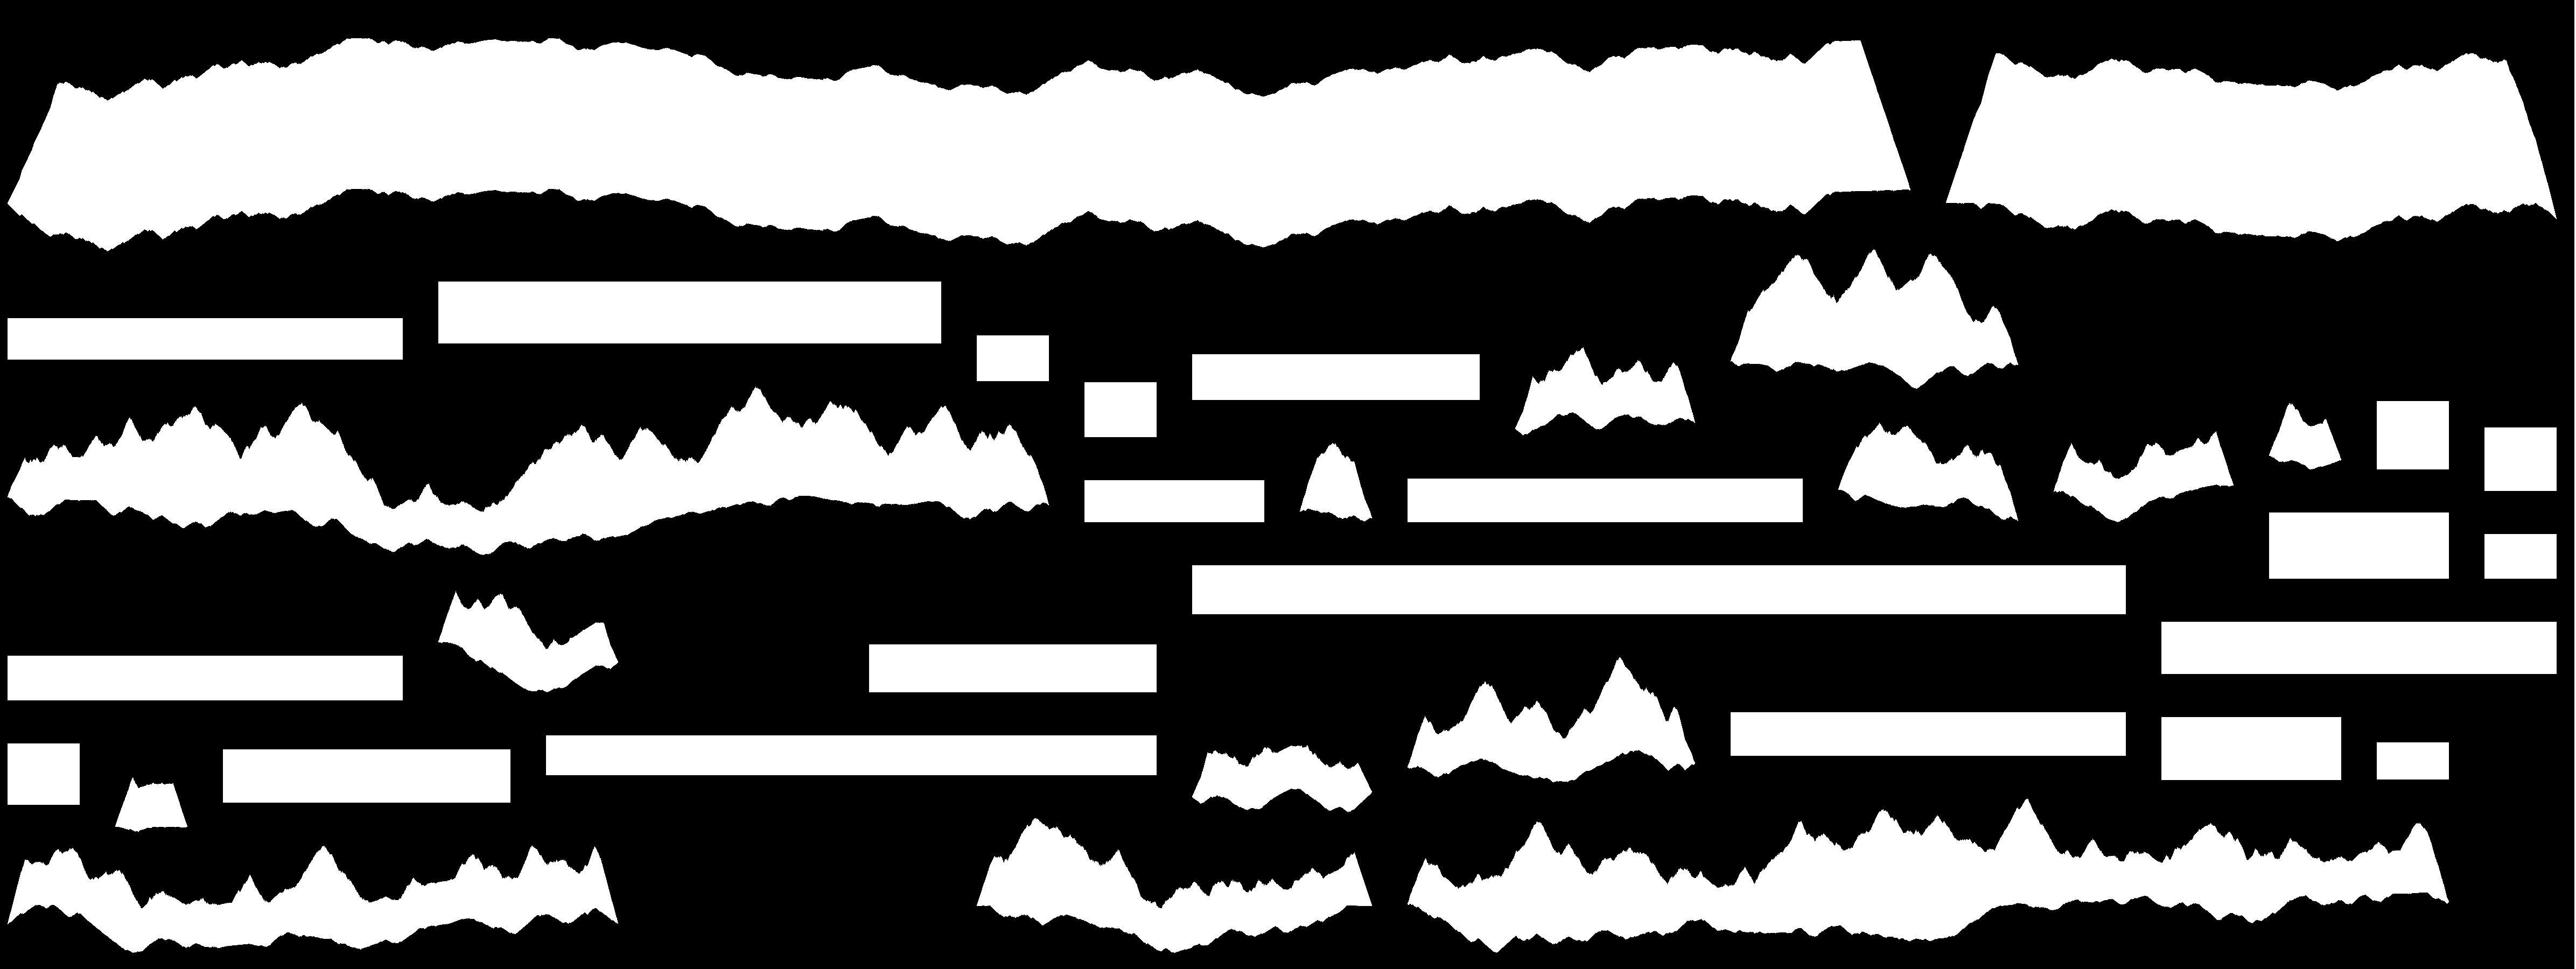 seg3 | Как сгенерировать красивый запутанный лабиринт.